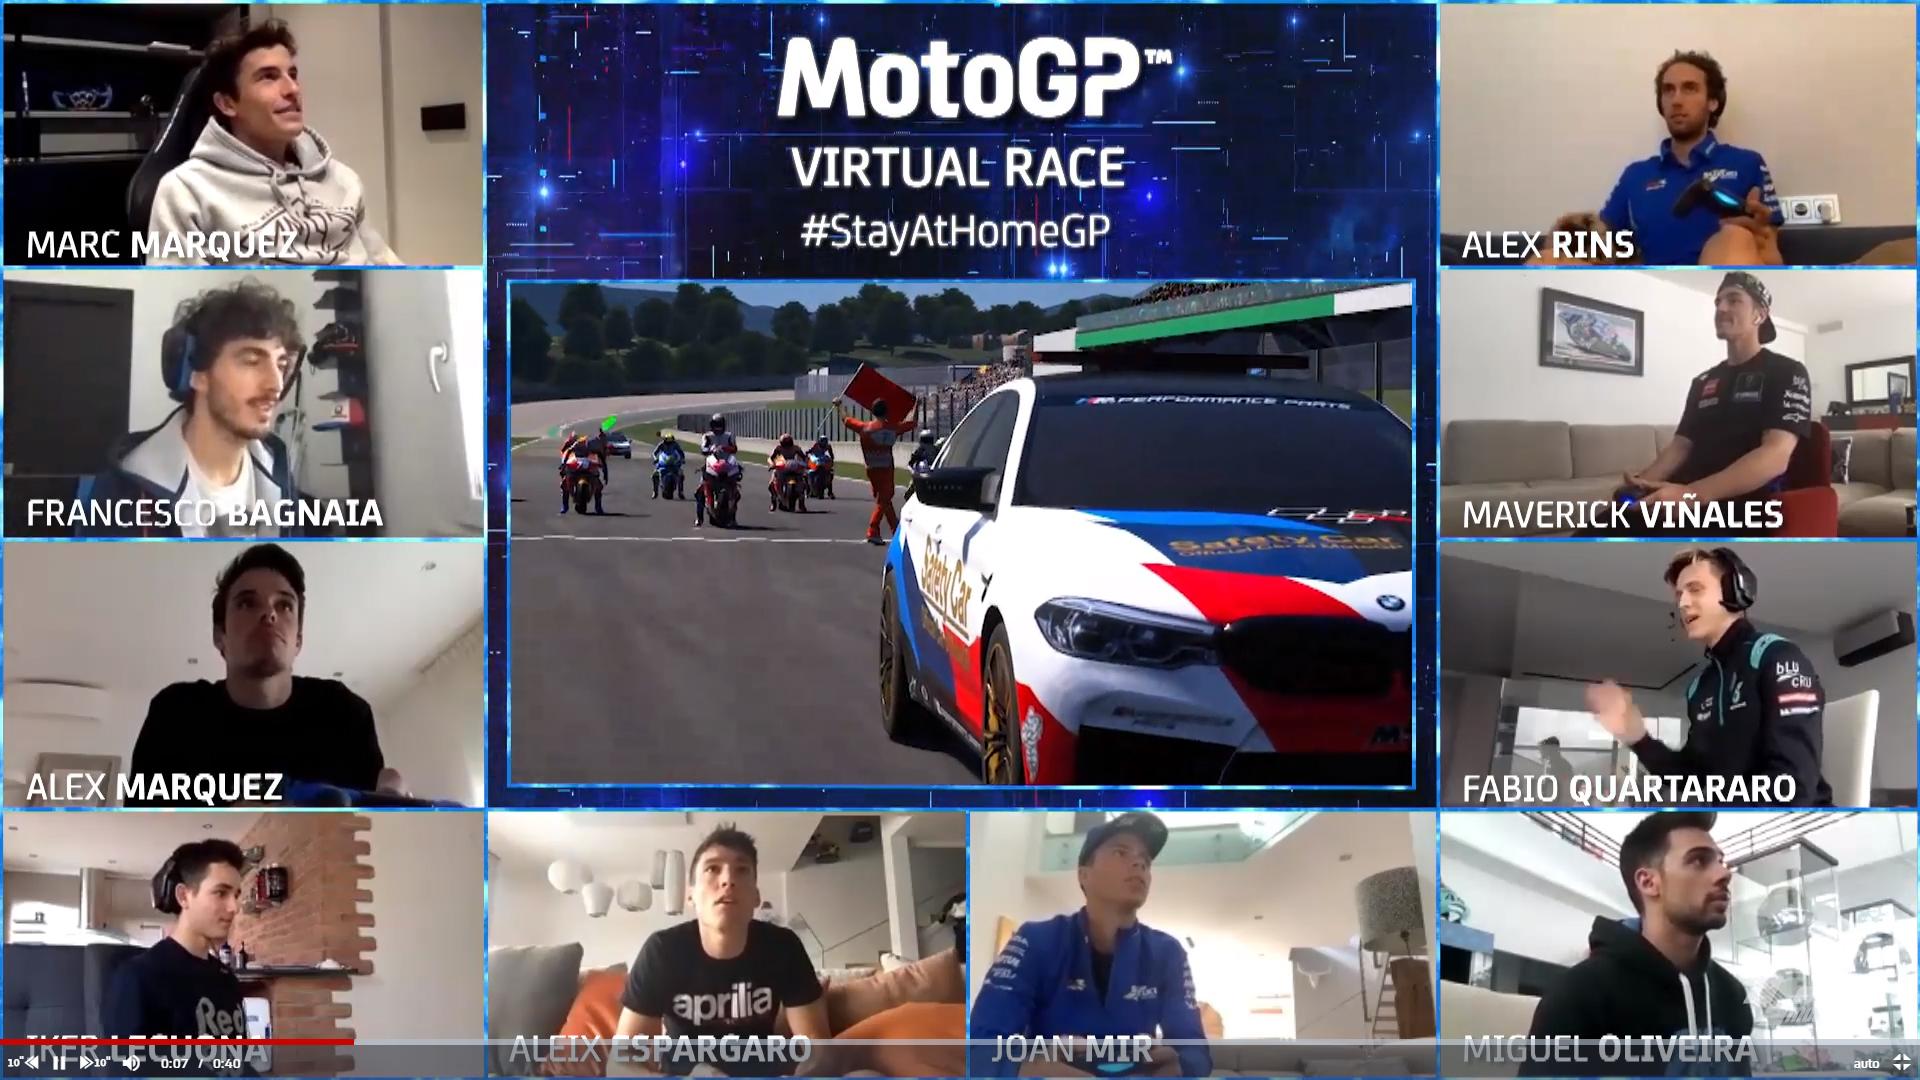 MotoGP, Rossi accetta la sfida: al via della Virtual Race di Pasqua